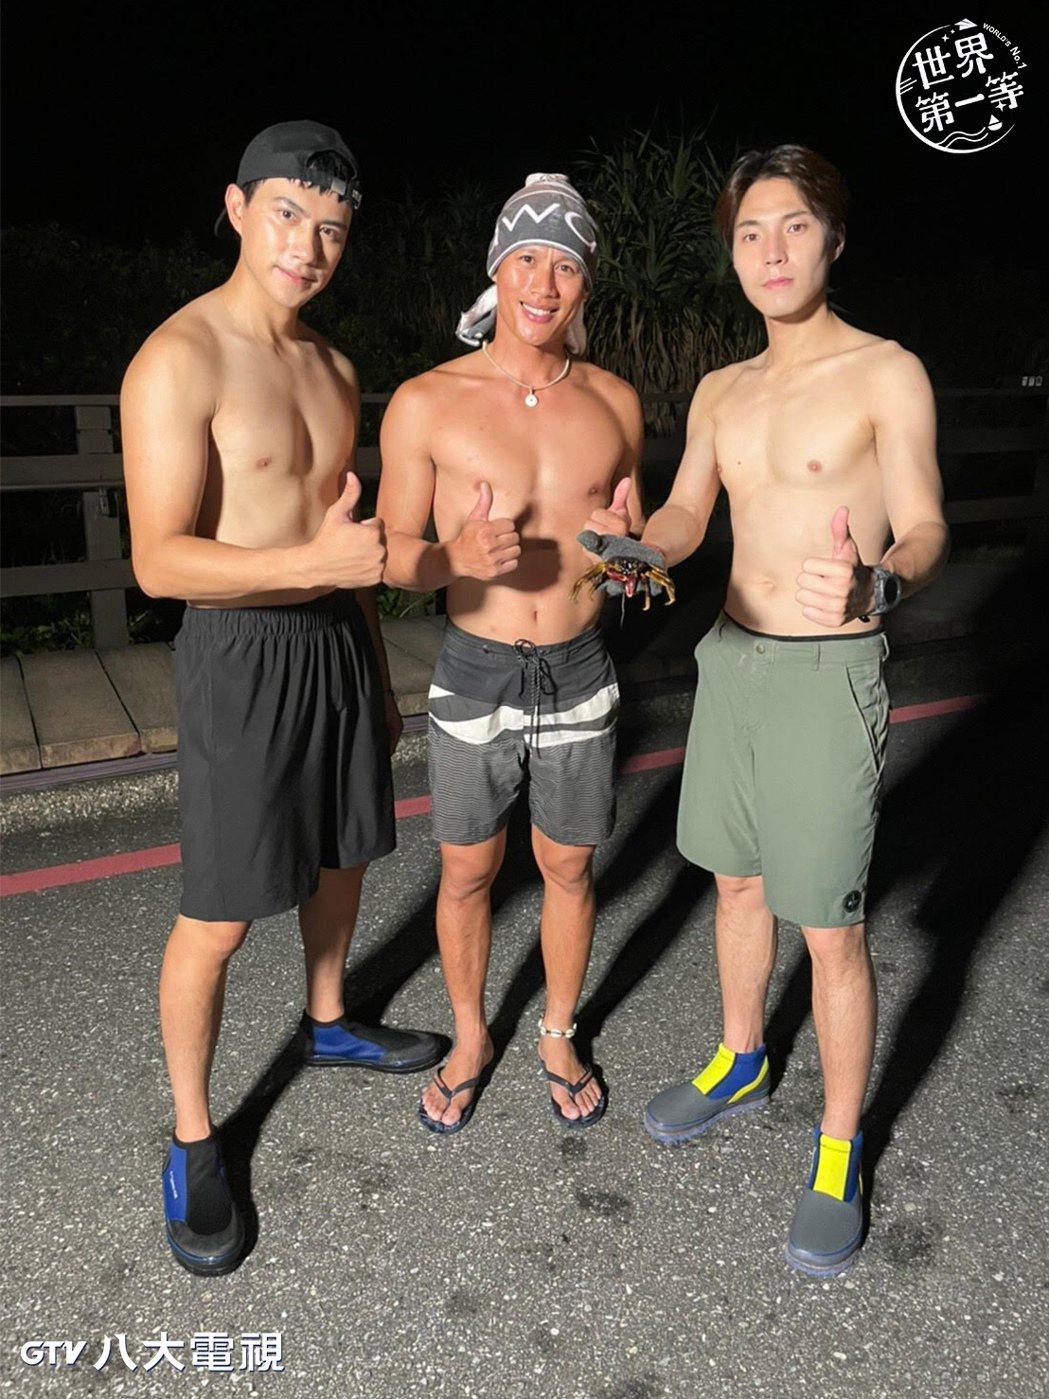 唐振剛(右)、潘君侖(左)為補螃蟹秀出精壯身材。圖/八大提供